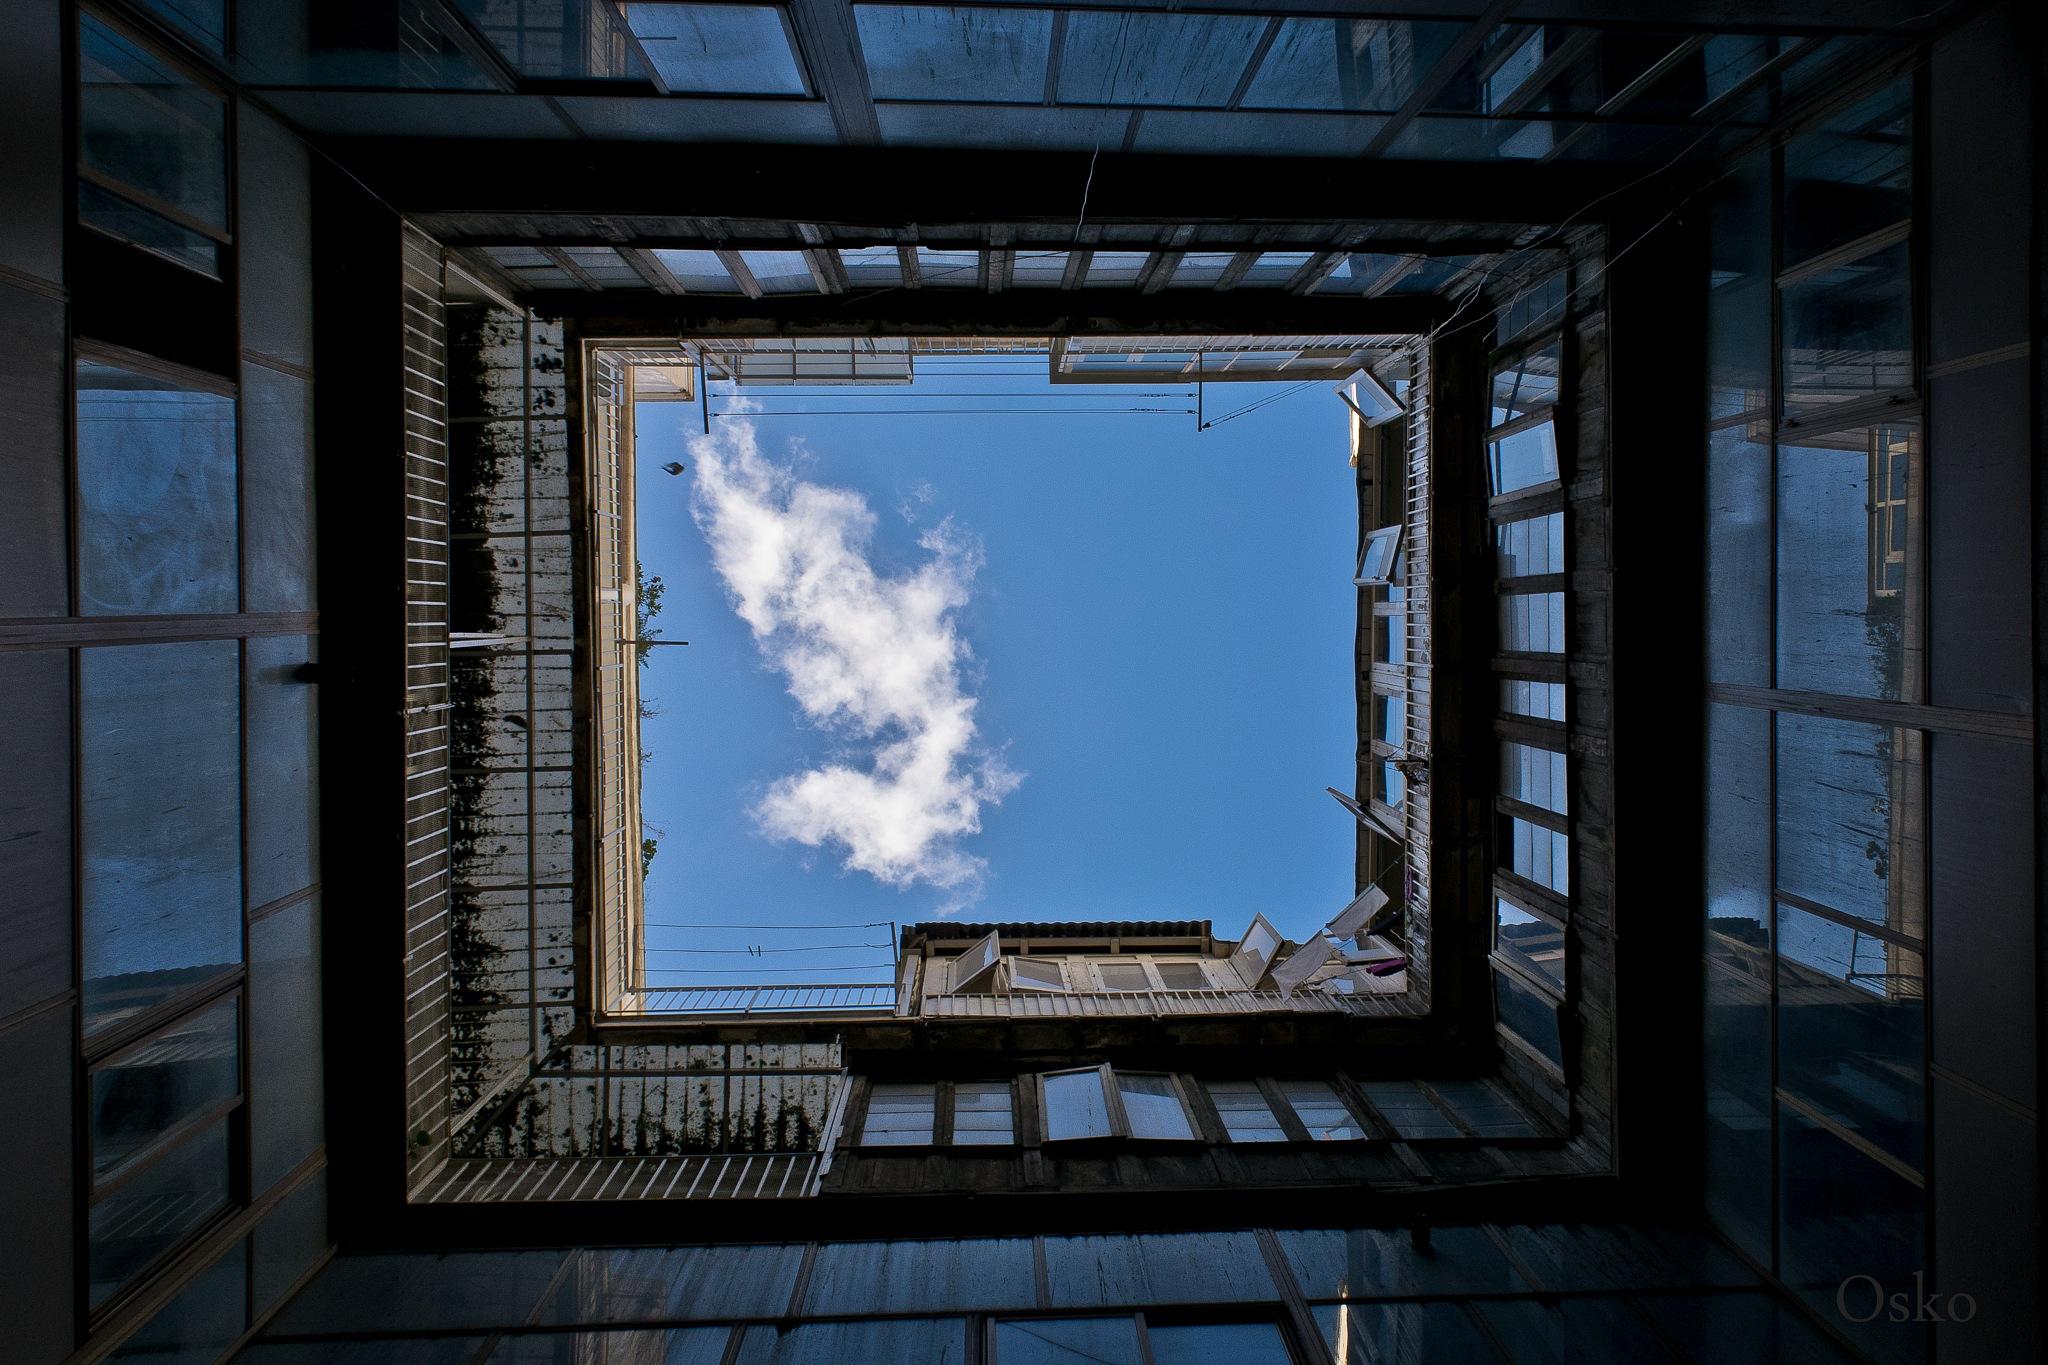 Atrapando nubes by oscarruben_suarez